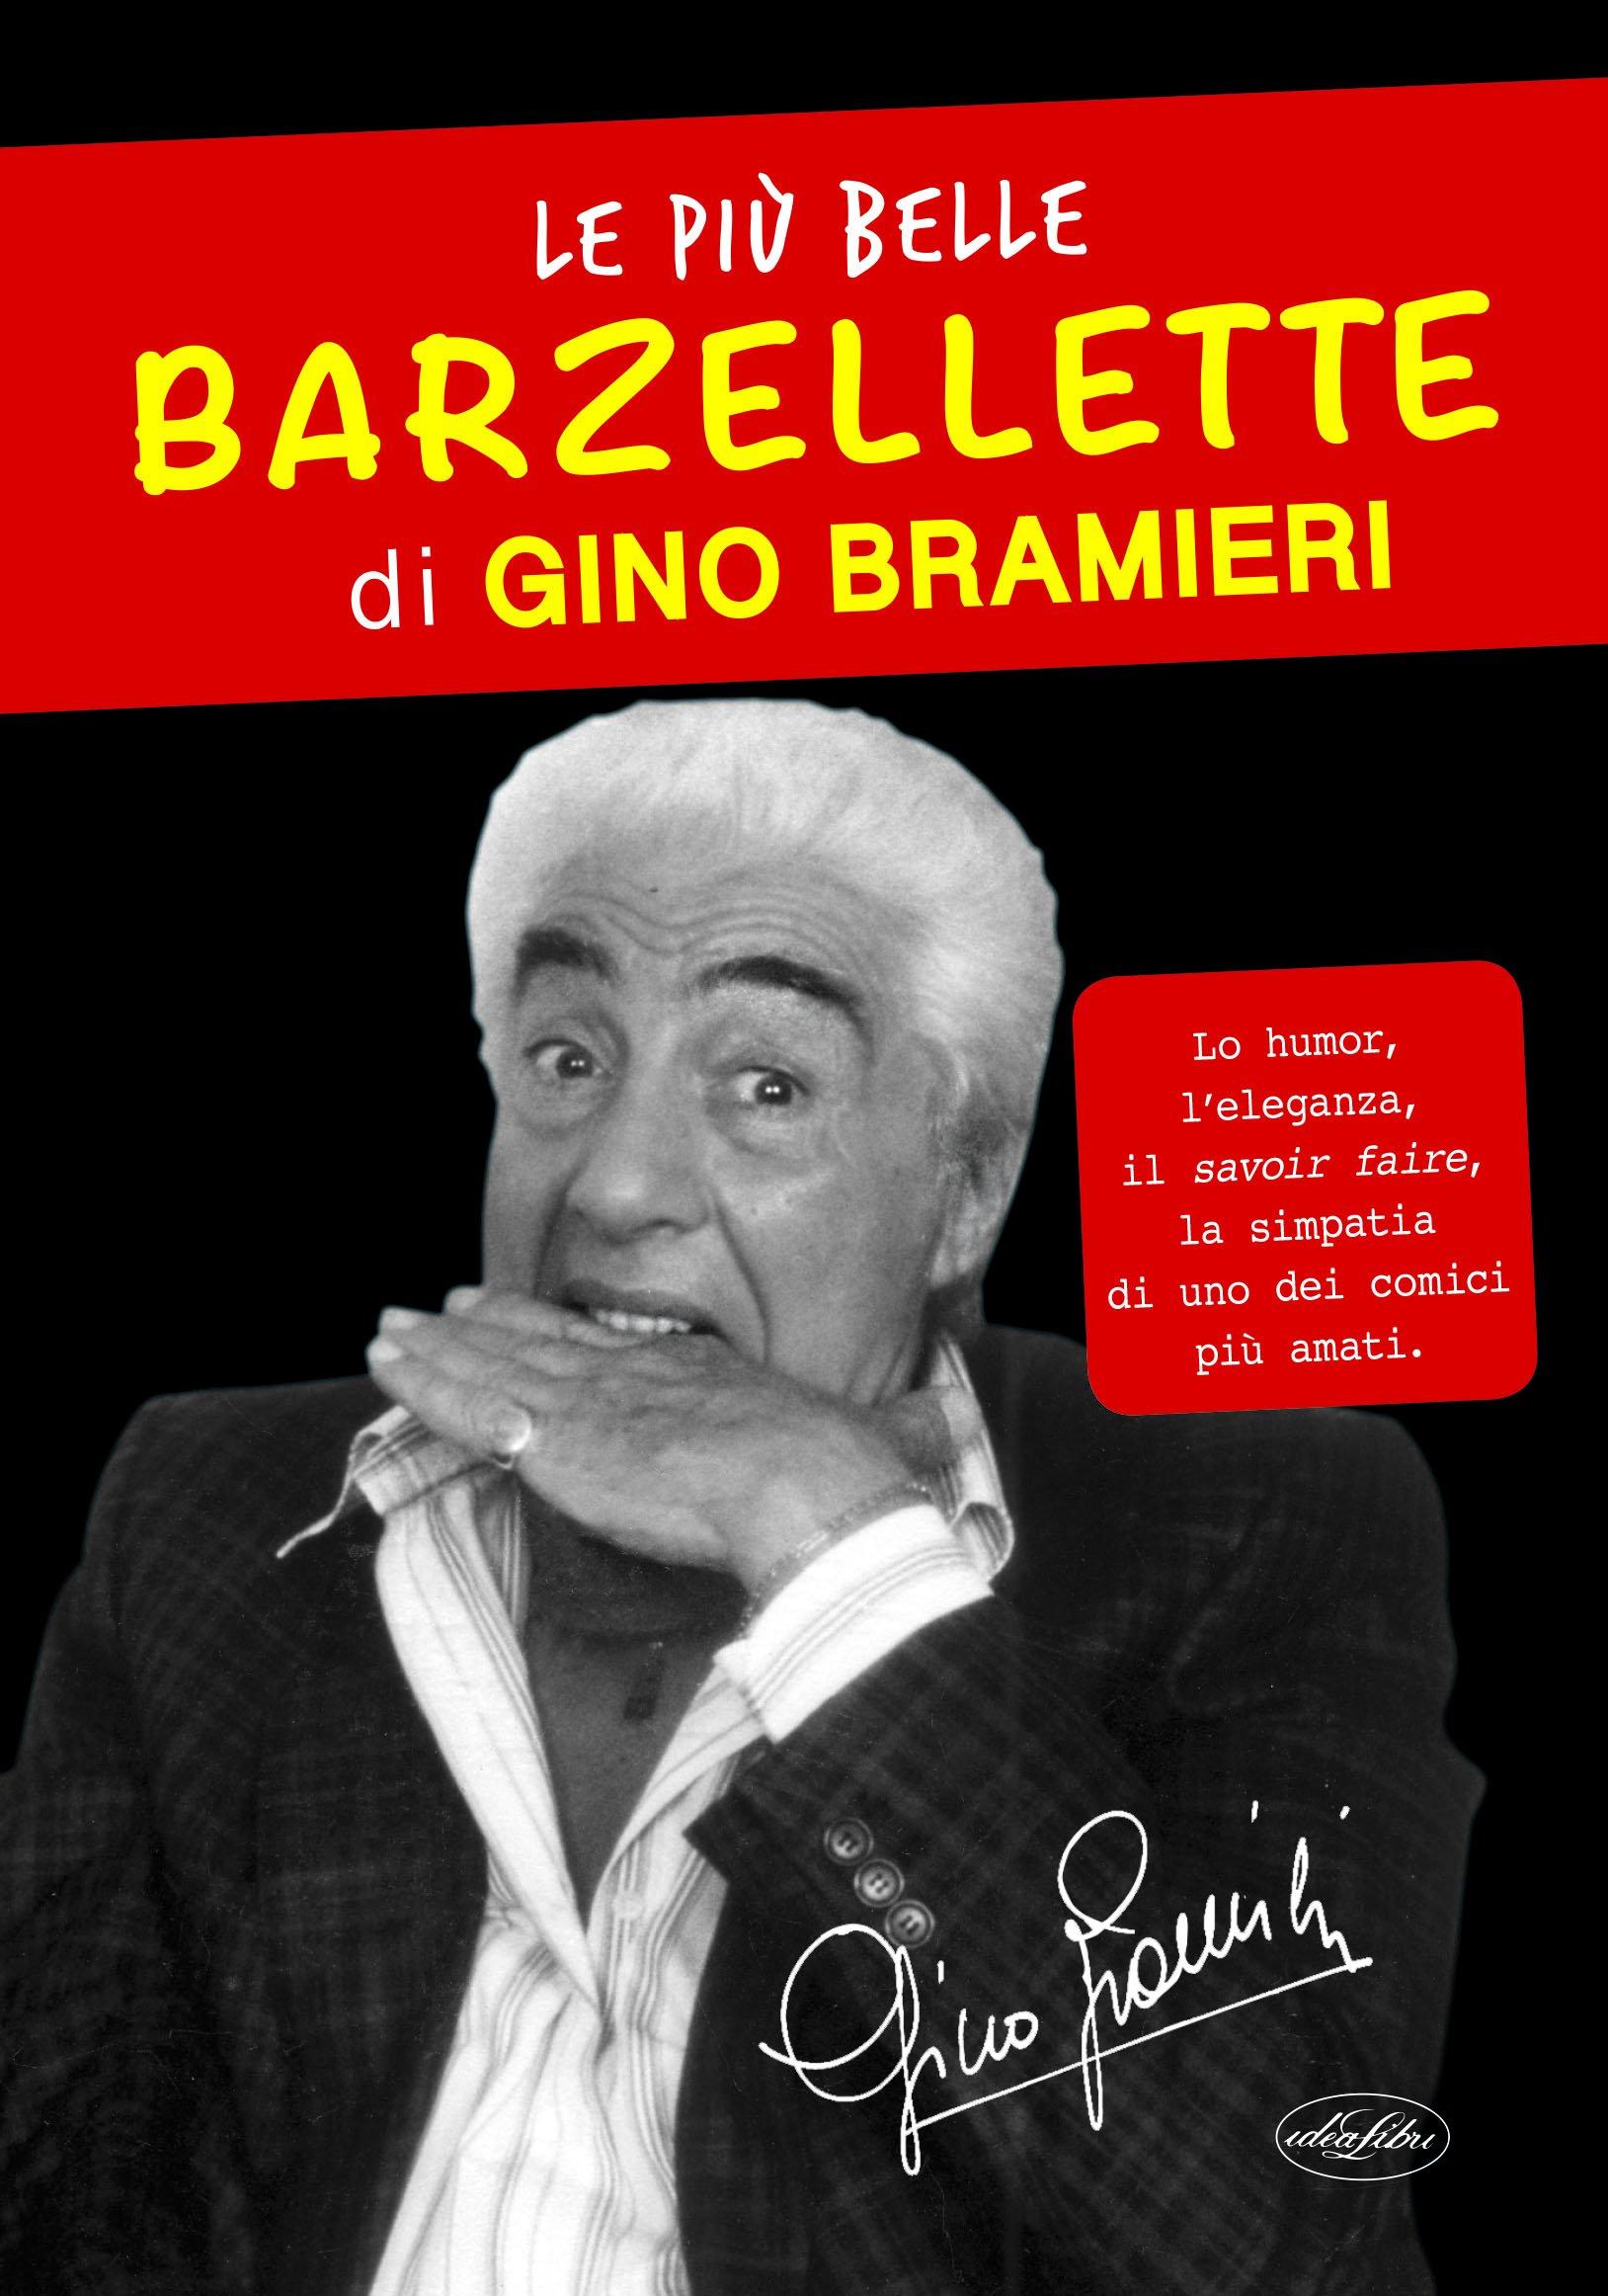 Le più belle barzellette di Gino Bramieri Copertina flessibile – 24 ott 2017 Idea Libri 8862622392 UMORISMO